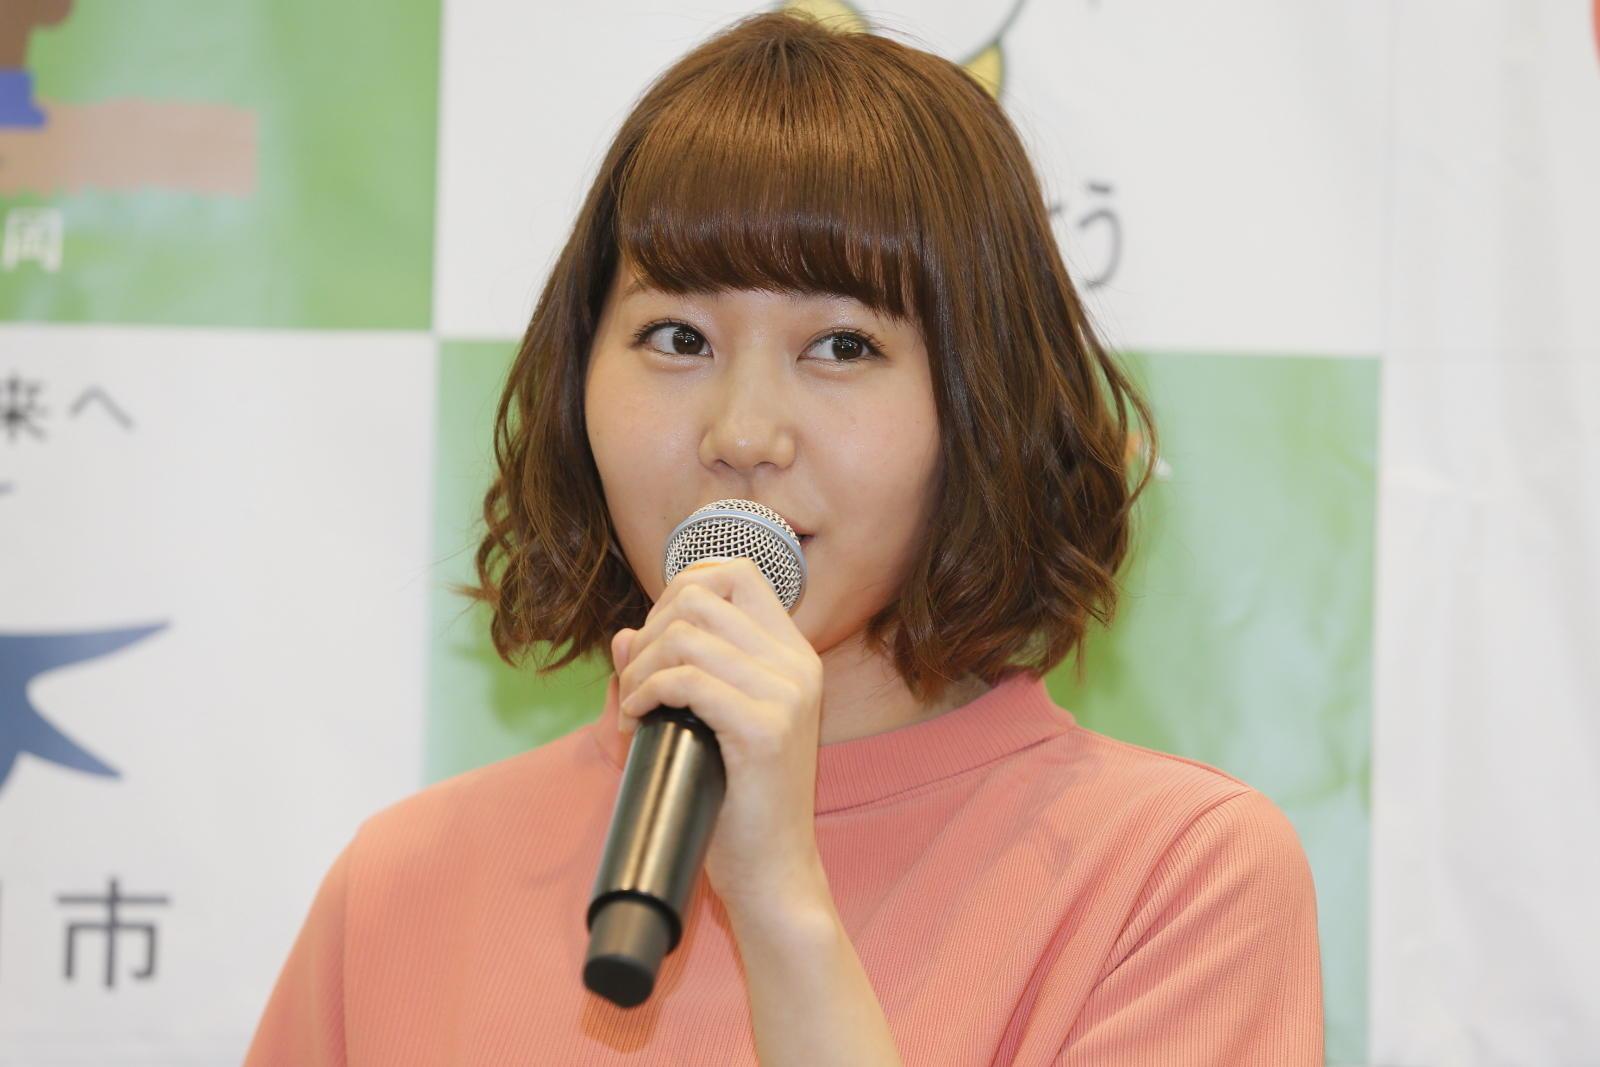 http://news.yoshimoto.co.jp/20160429190438-3d5b7a11eec9cb680d59c0fb2d7b9e02a2277467.jpg